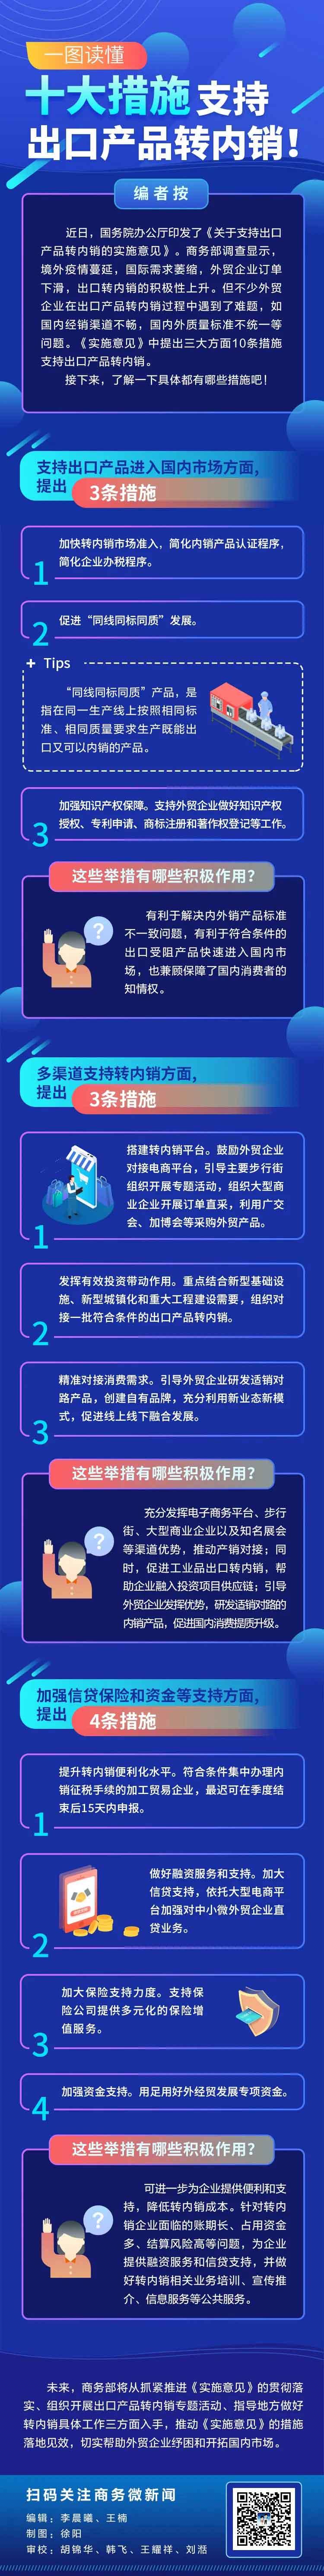 《【恒达注册地址】一图读懂| 十大措施支持出口产品转内销!》